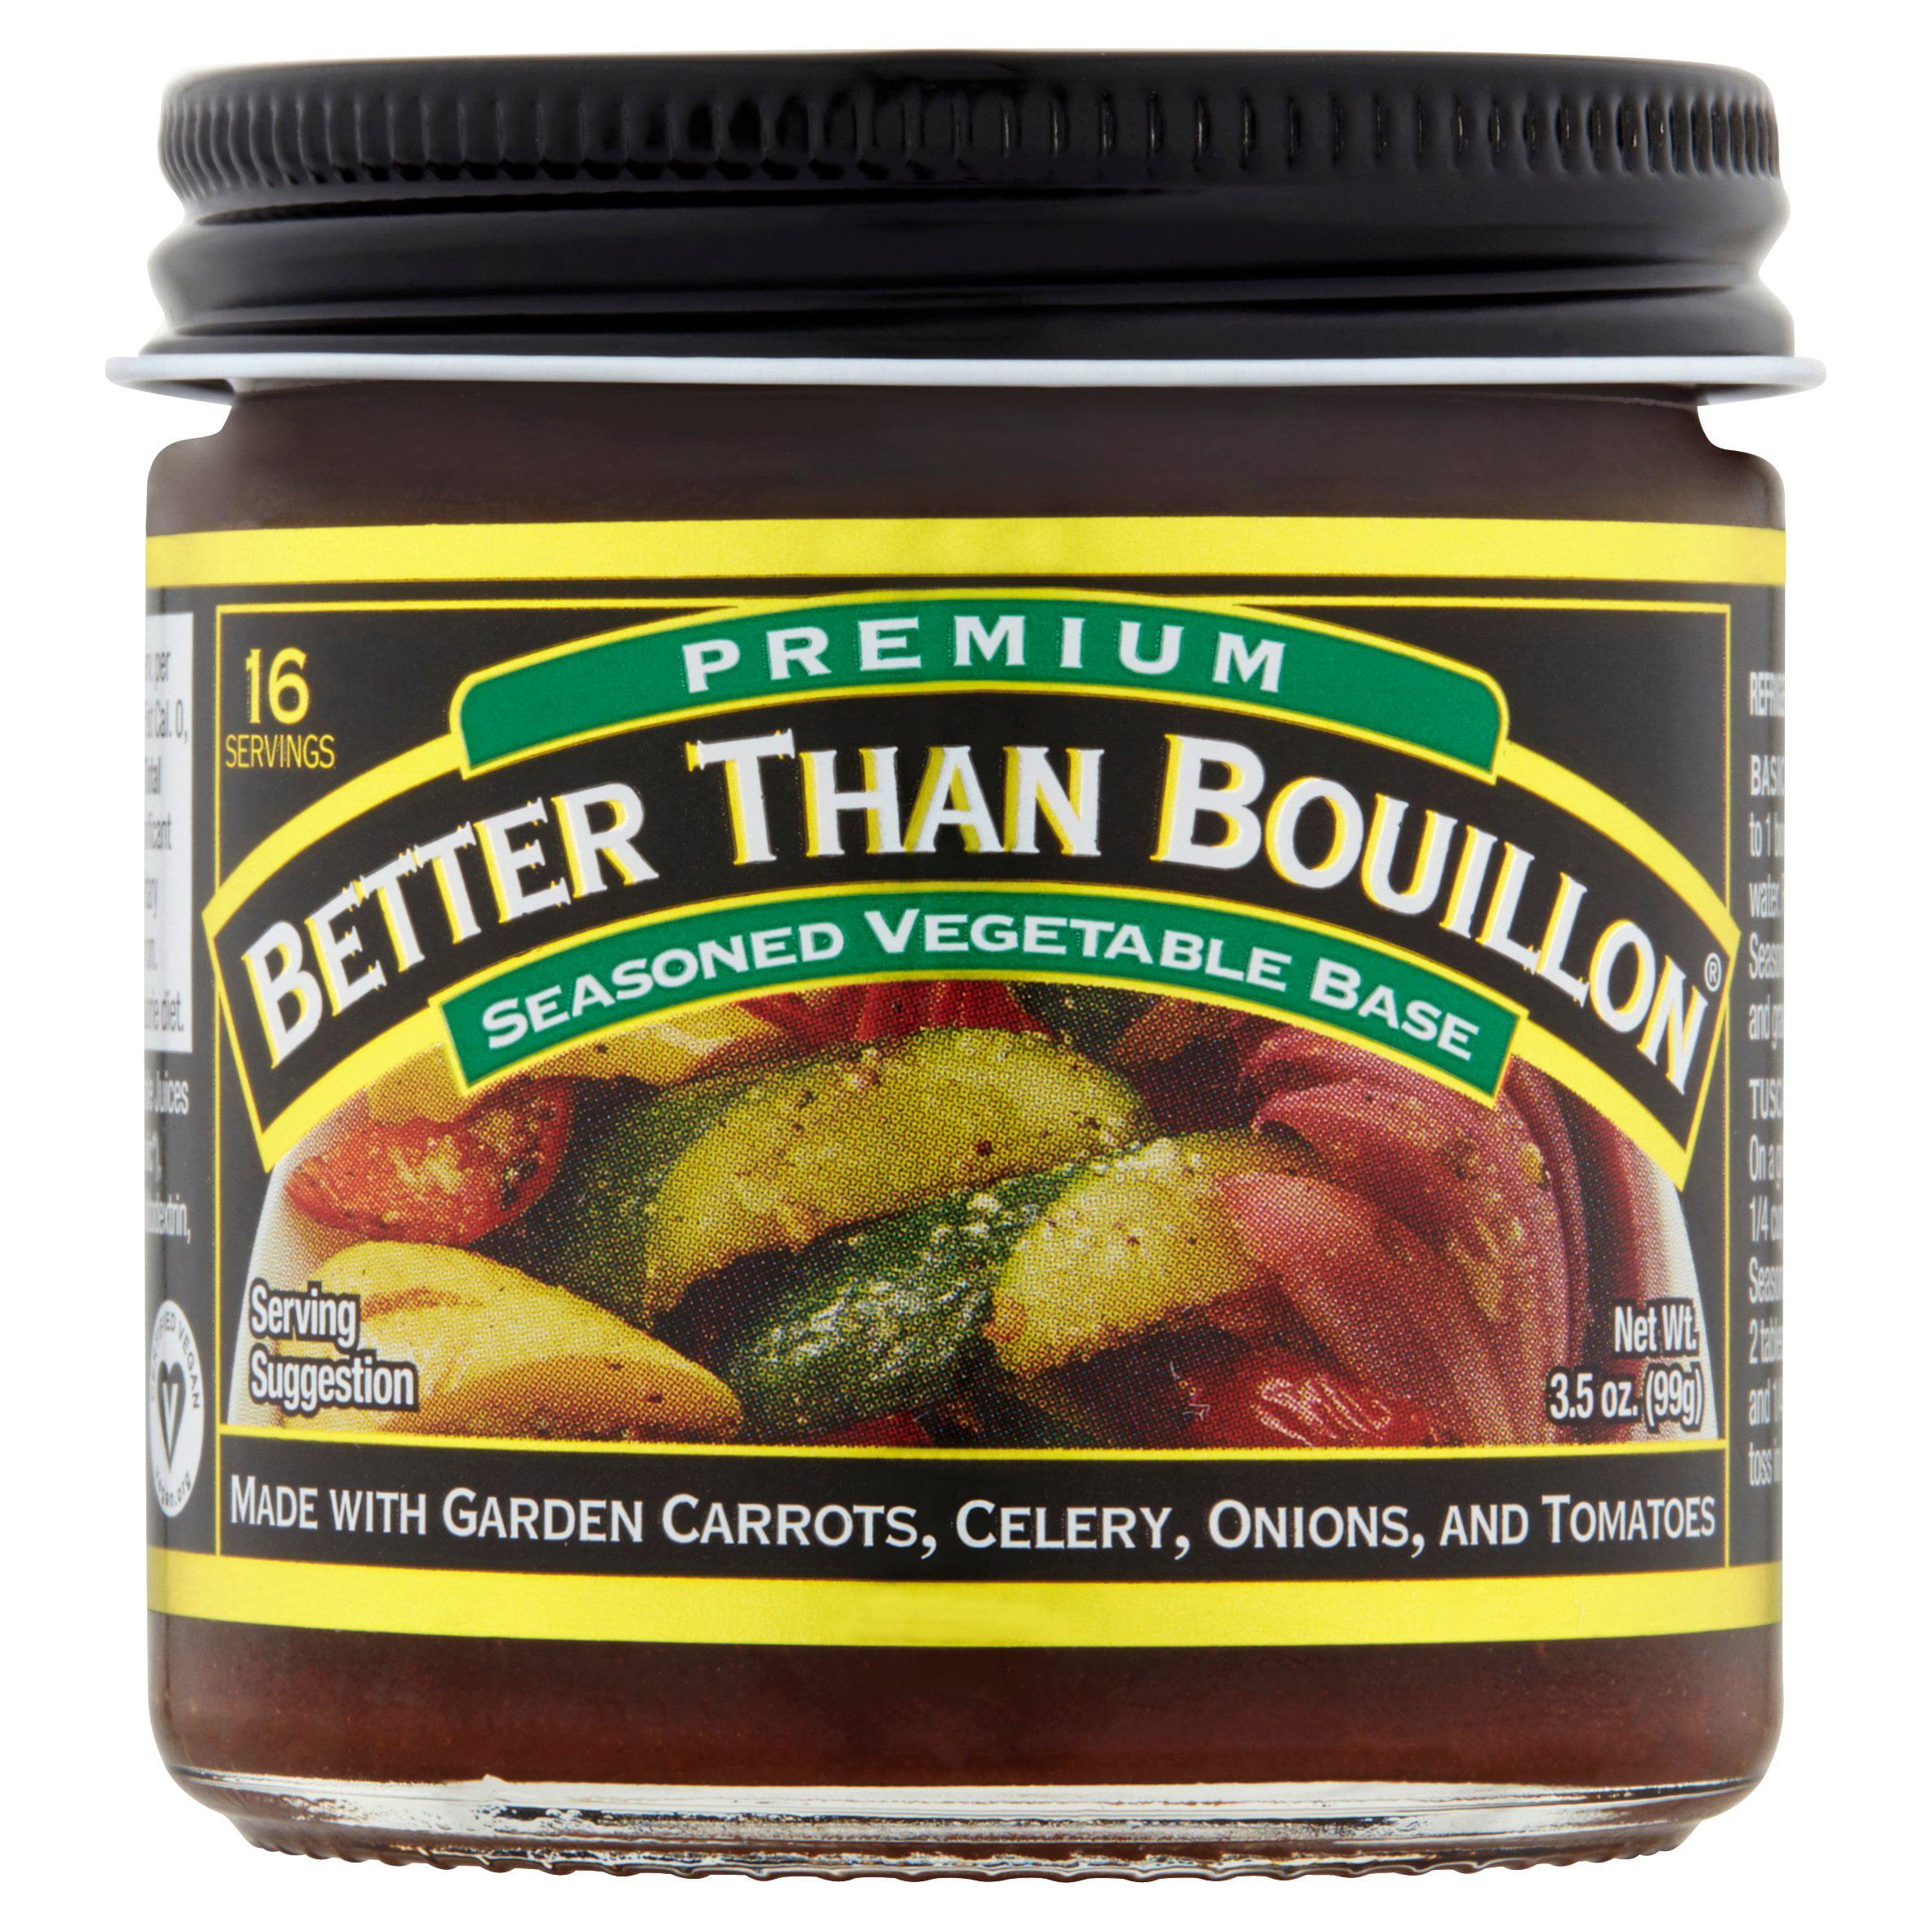 Better Than Bouillon Seasoned Vegetable Base, 3.5 OZ